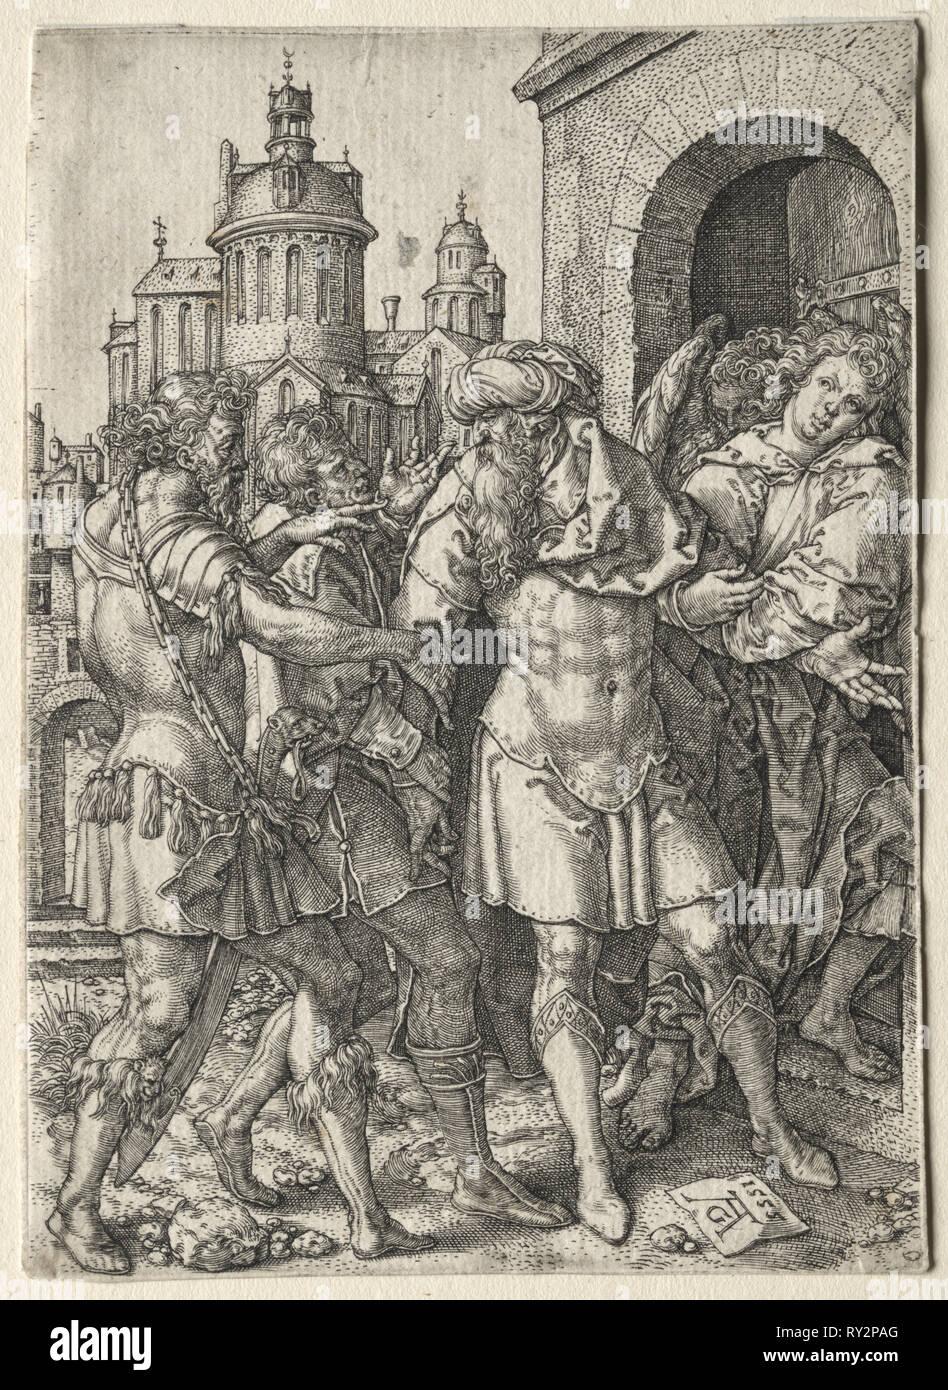 Die Geschichte von Los: Viele verhindert die Hurer aus Gewalt, 1555. Heinrich Aldegrever (Deutsch, 1502-1555/61). Gravur Stockbild